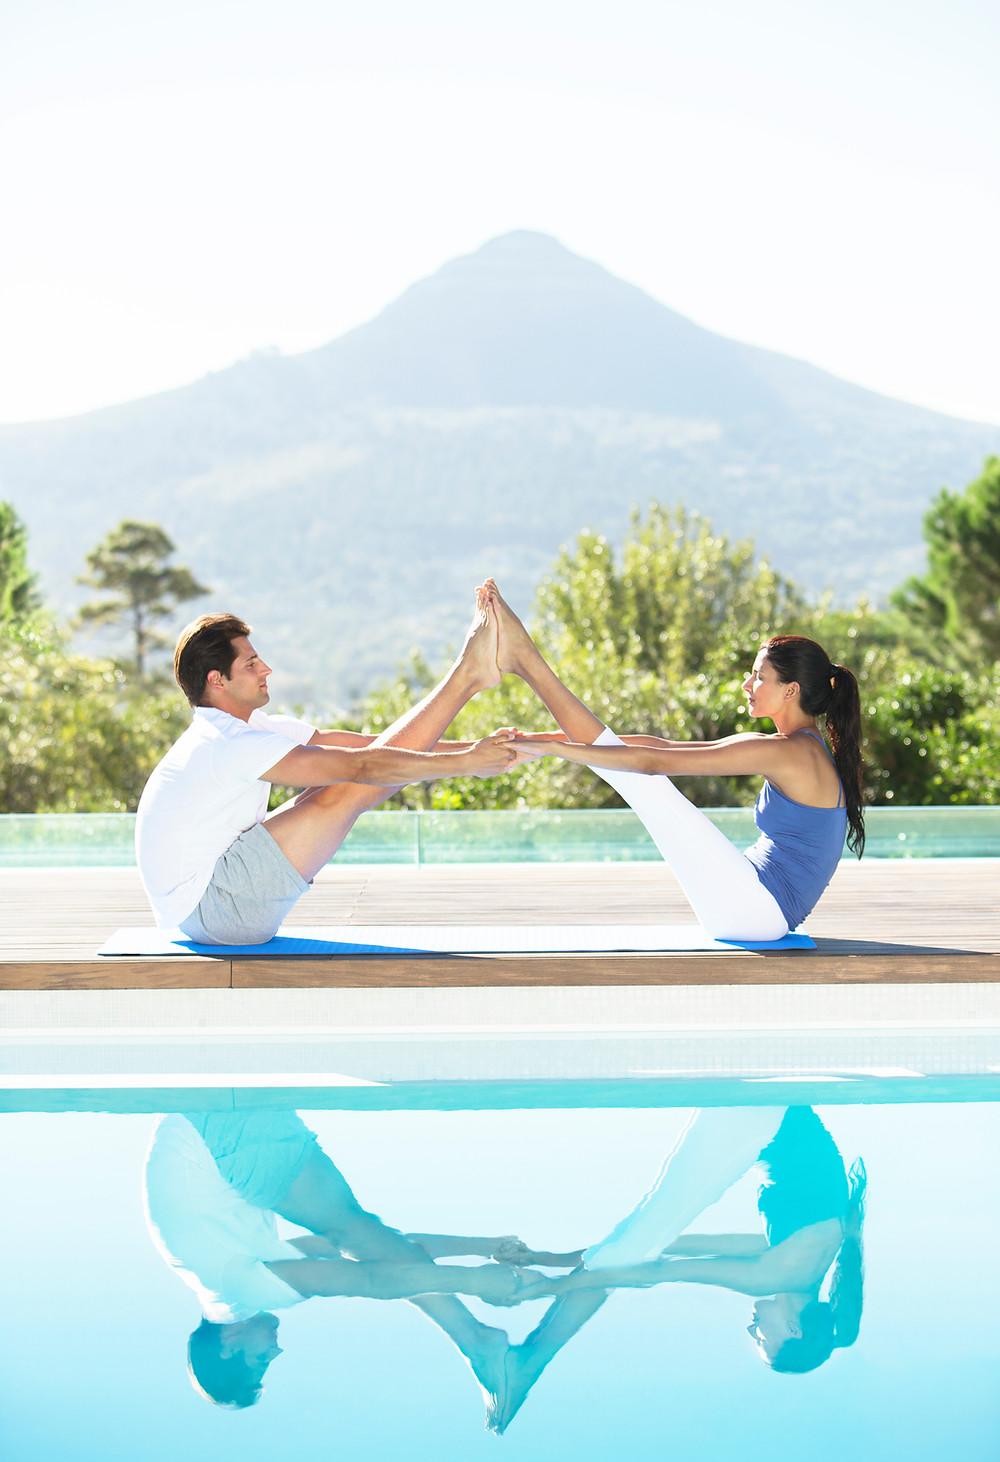 Next Meditation Training (Click)